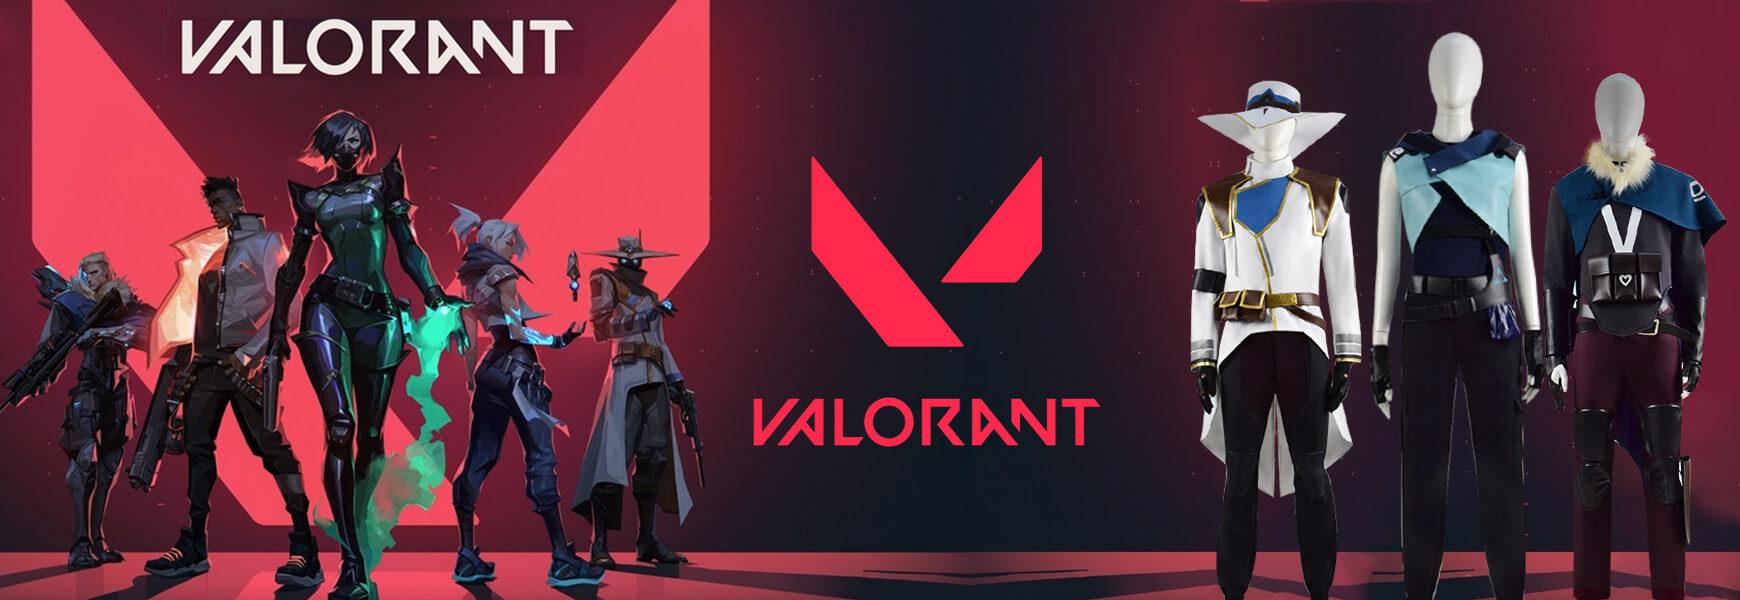 Valorant Cosplay